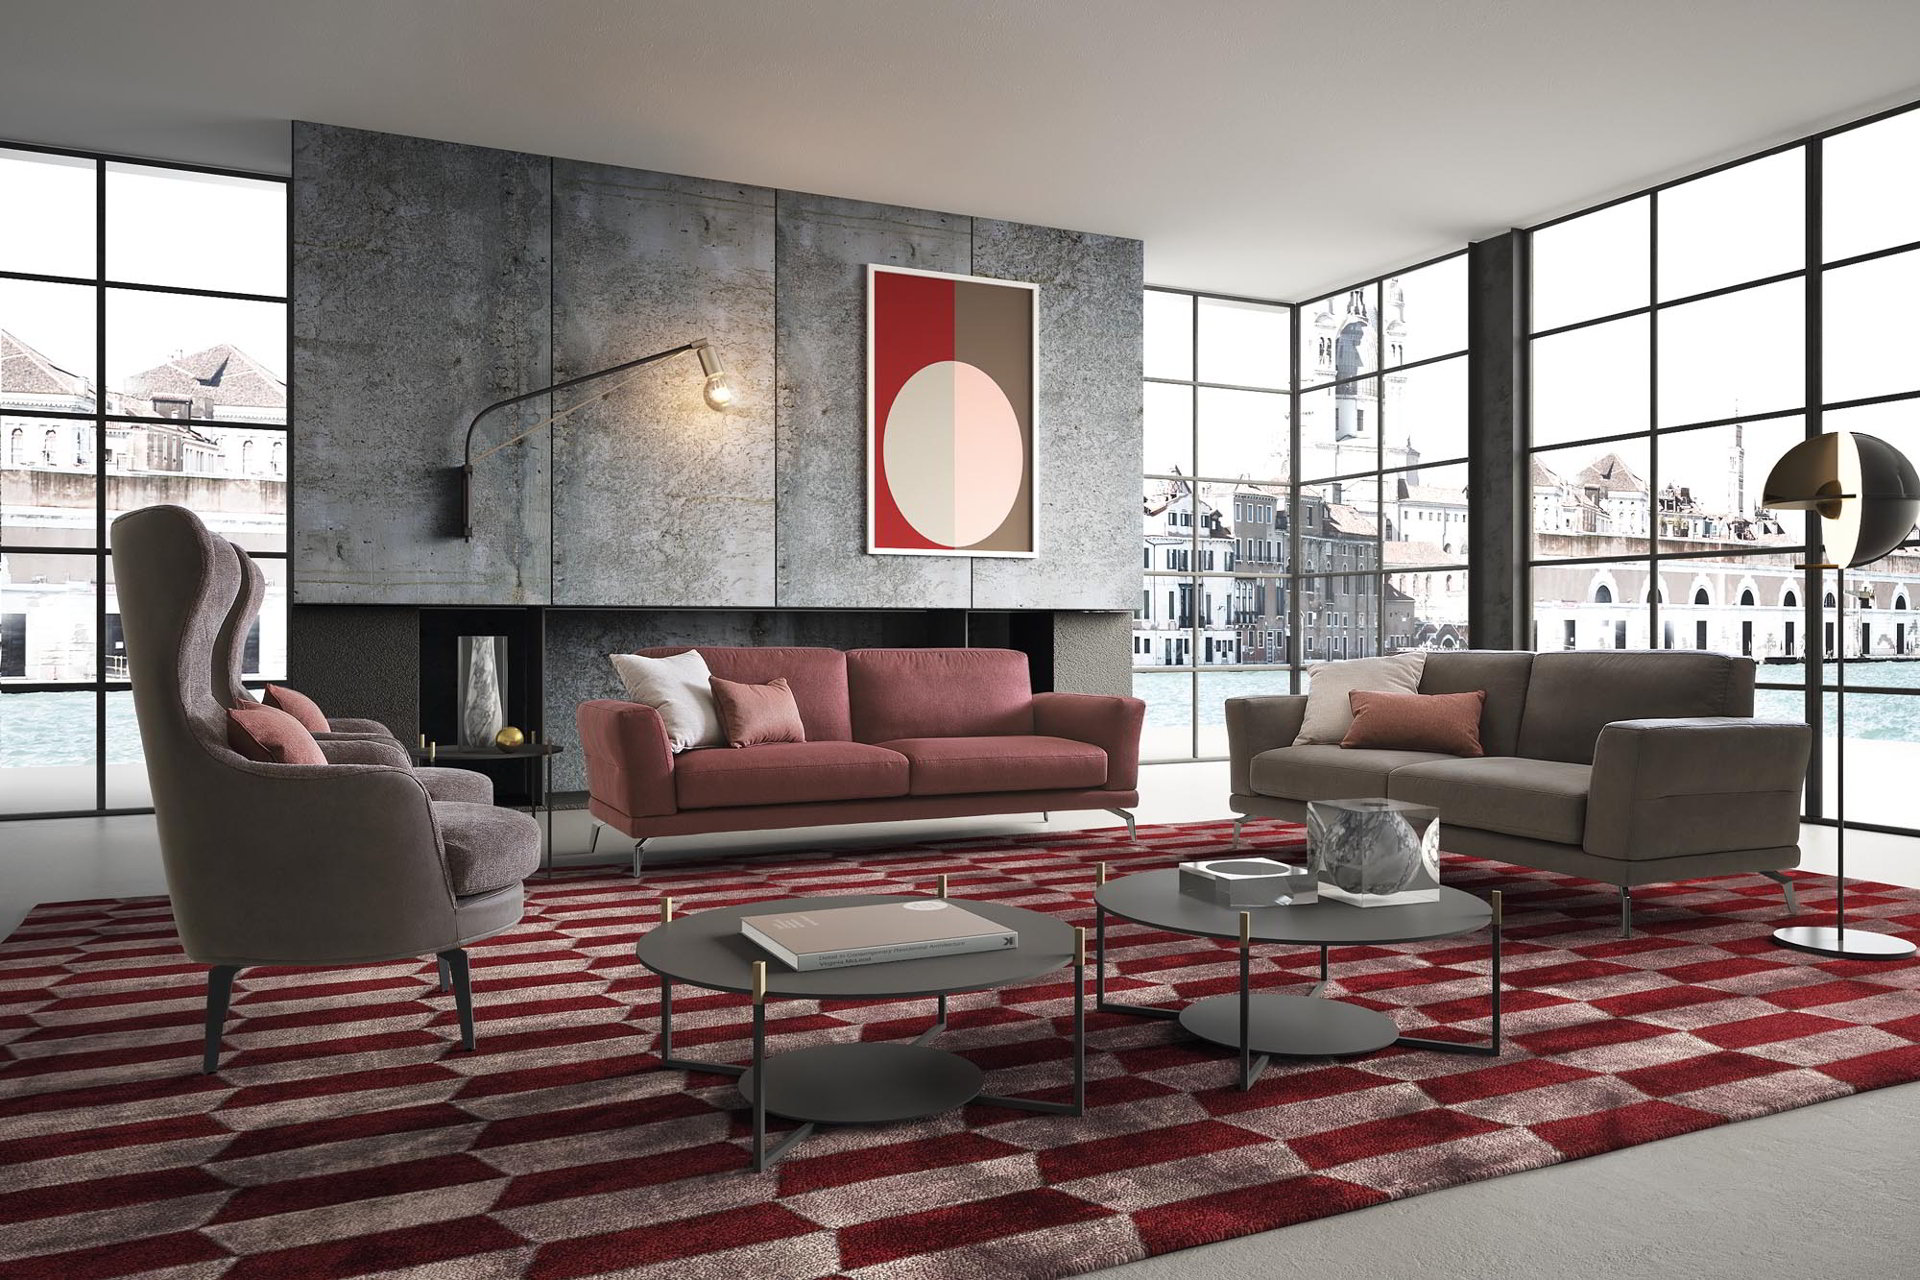 Divano Tessuto Antimacchia Opinioni divani ⋆ arredamenti riuniti, showroom e mobilificio a bergamo